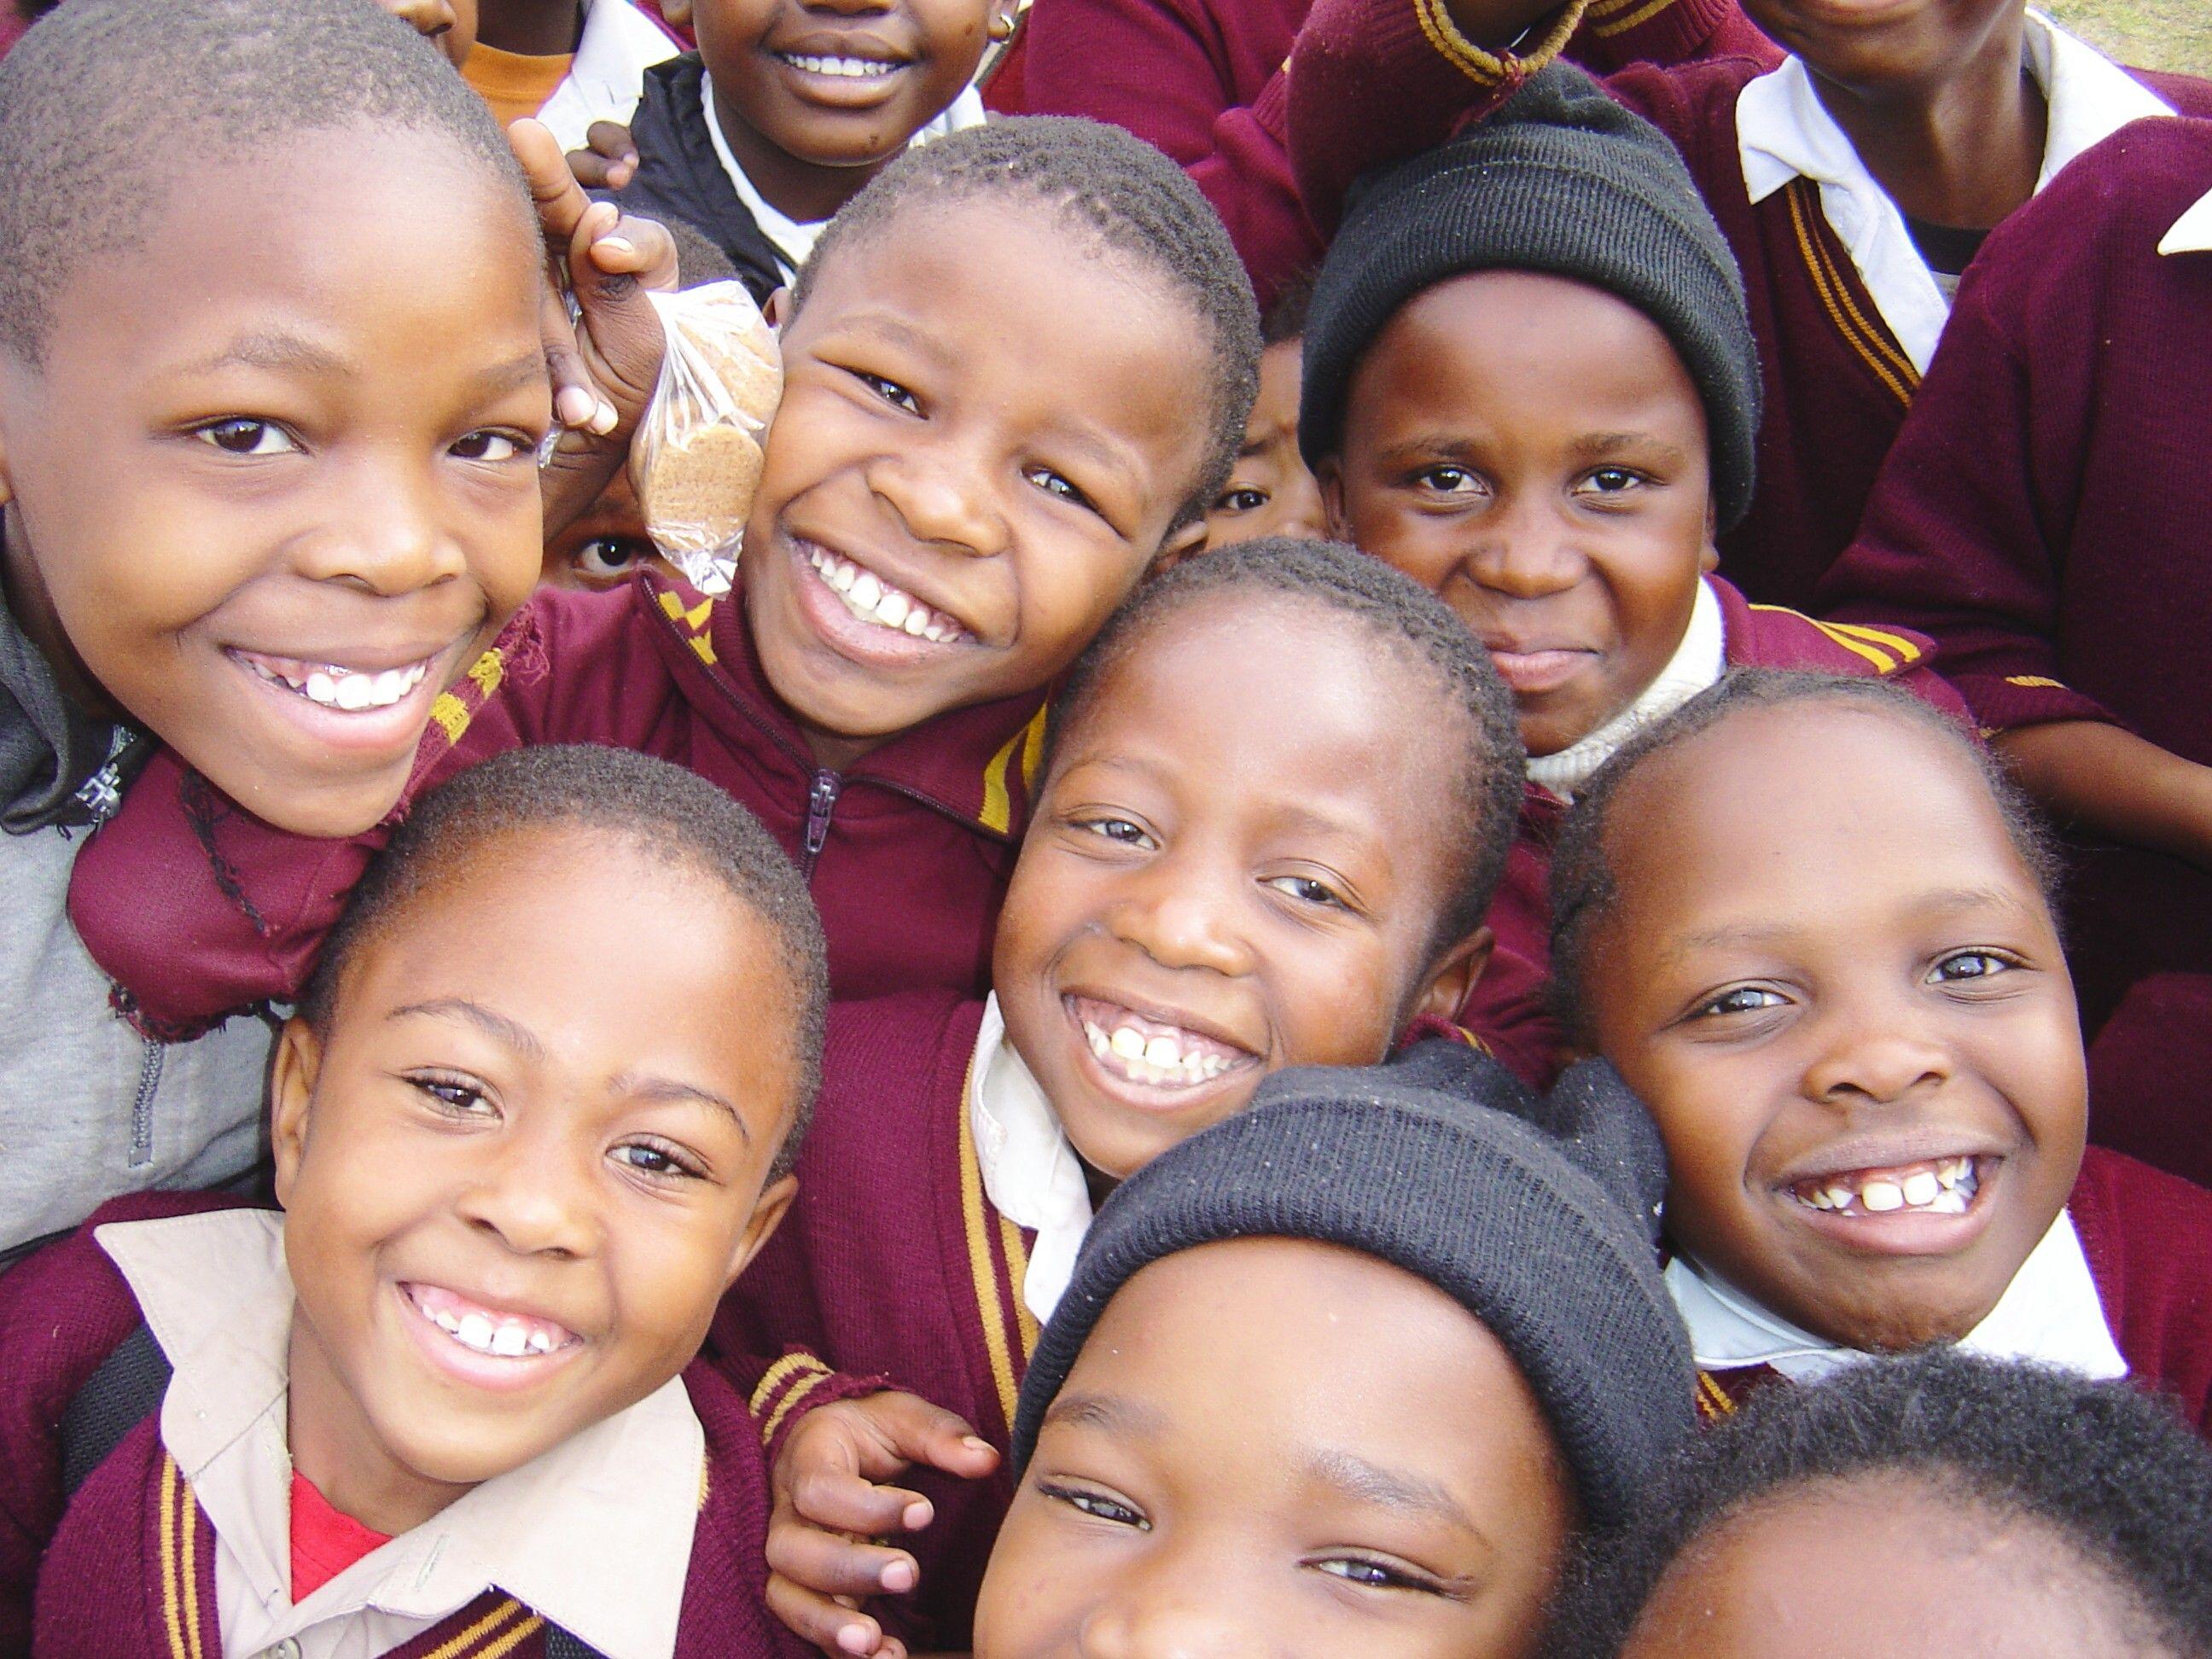 School children in south africa children in africa african children education in africa